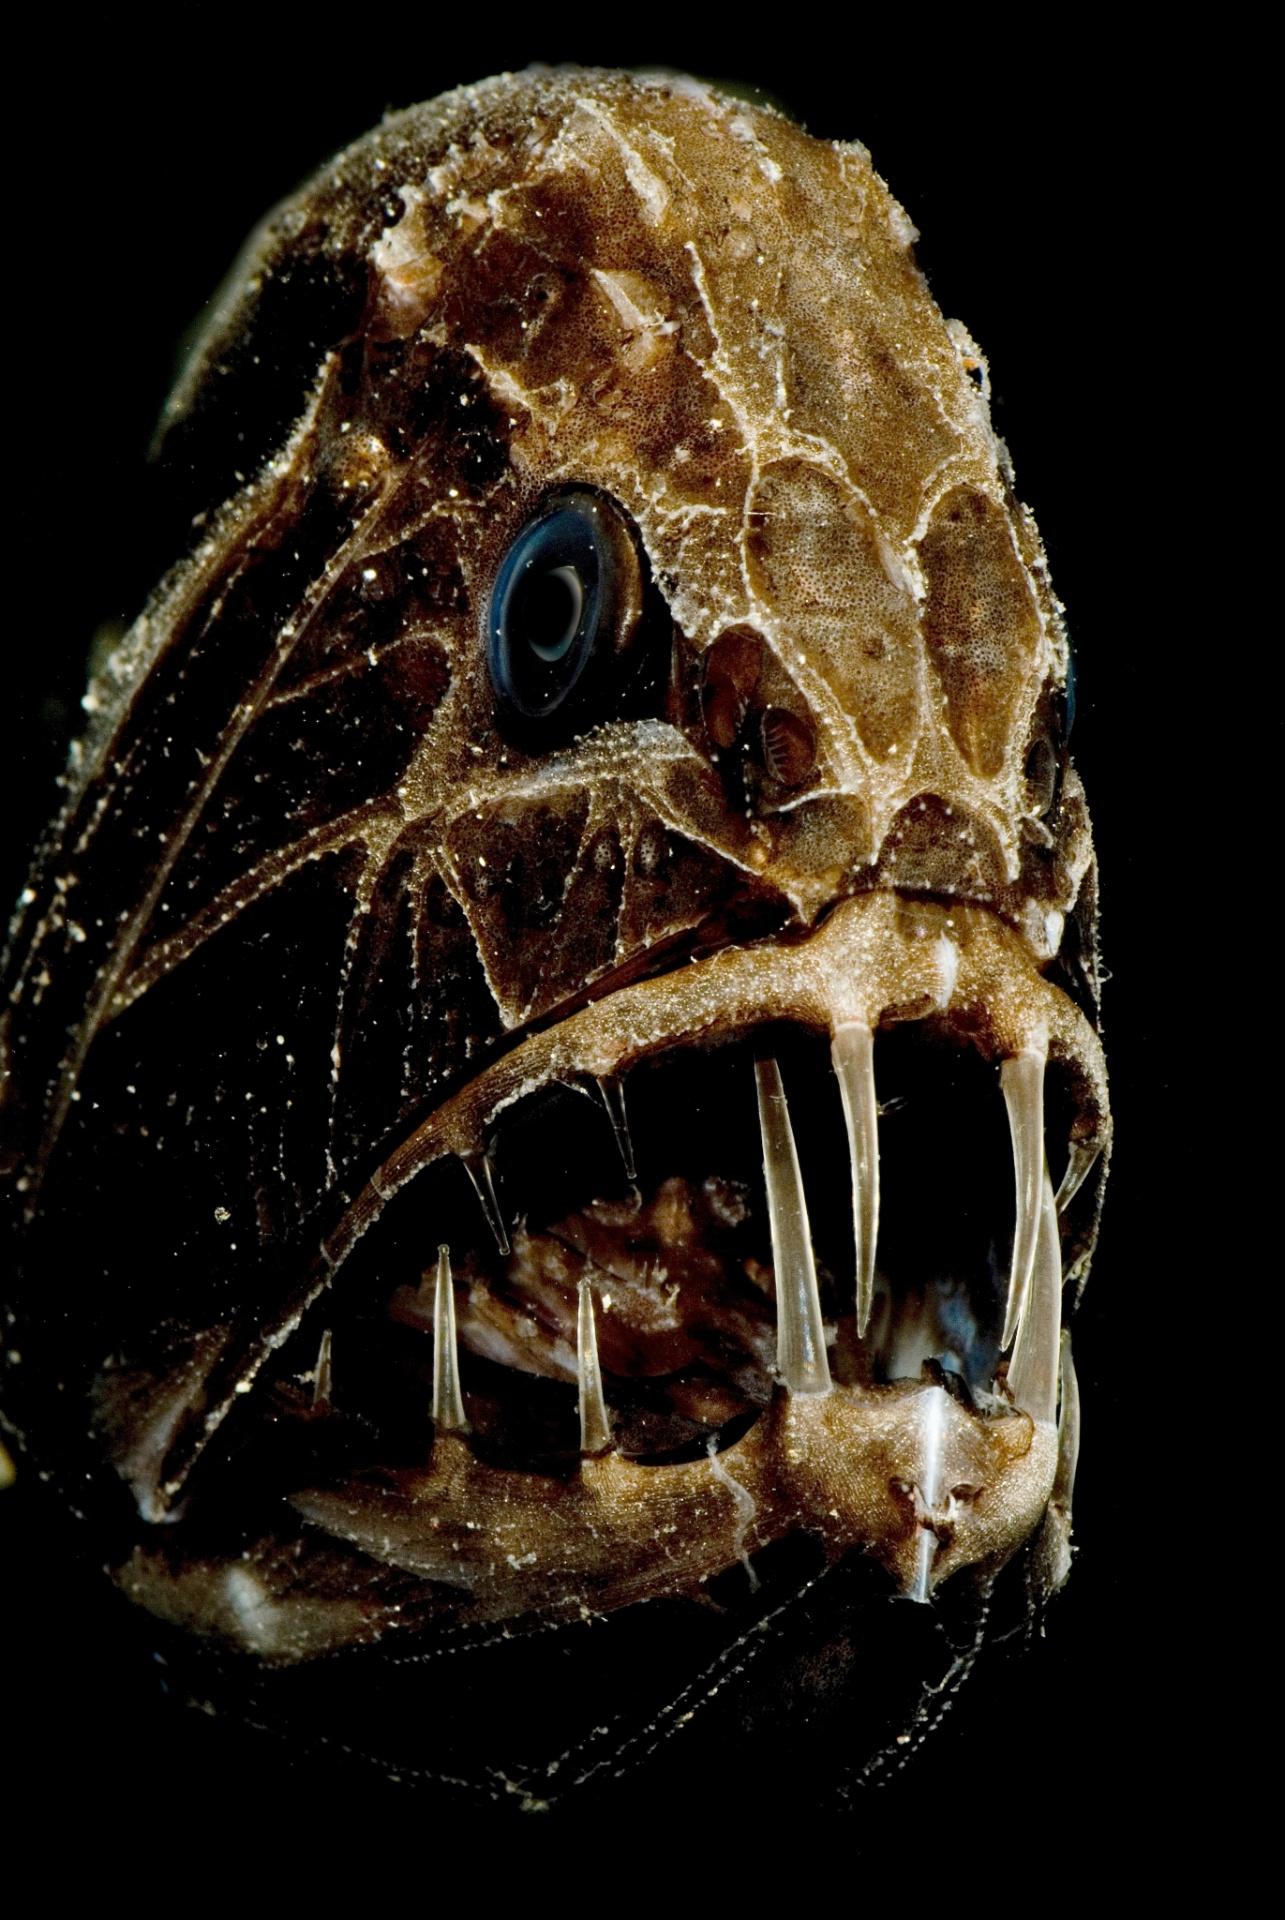 5.jul.2016 ? O peixe Common fangtooth, da família Anoplogastridae, vive nas profundezas do oceano e tem, proporcionalmente, os maiores dentes entre os peixes. As presas são tão grandes que para fechar a mandíbula o animal tem compartimentos internos no céu da boca para encaixar os dentes